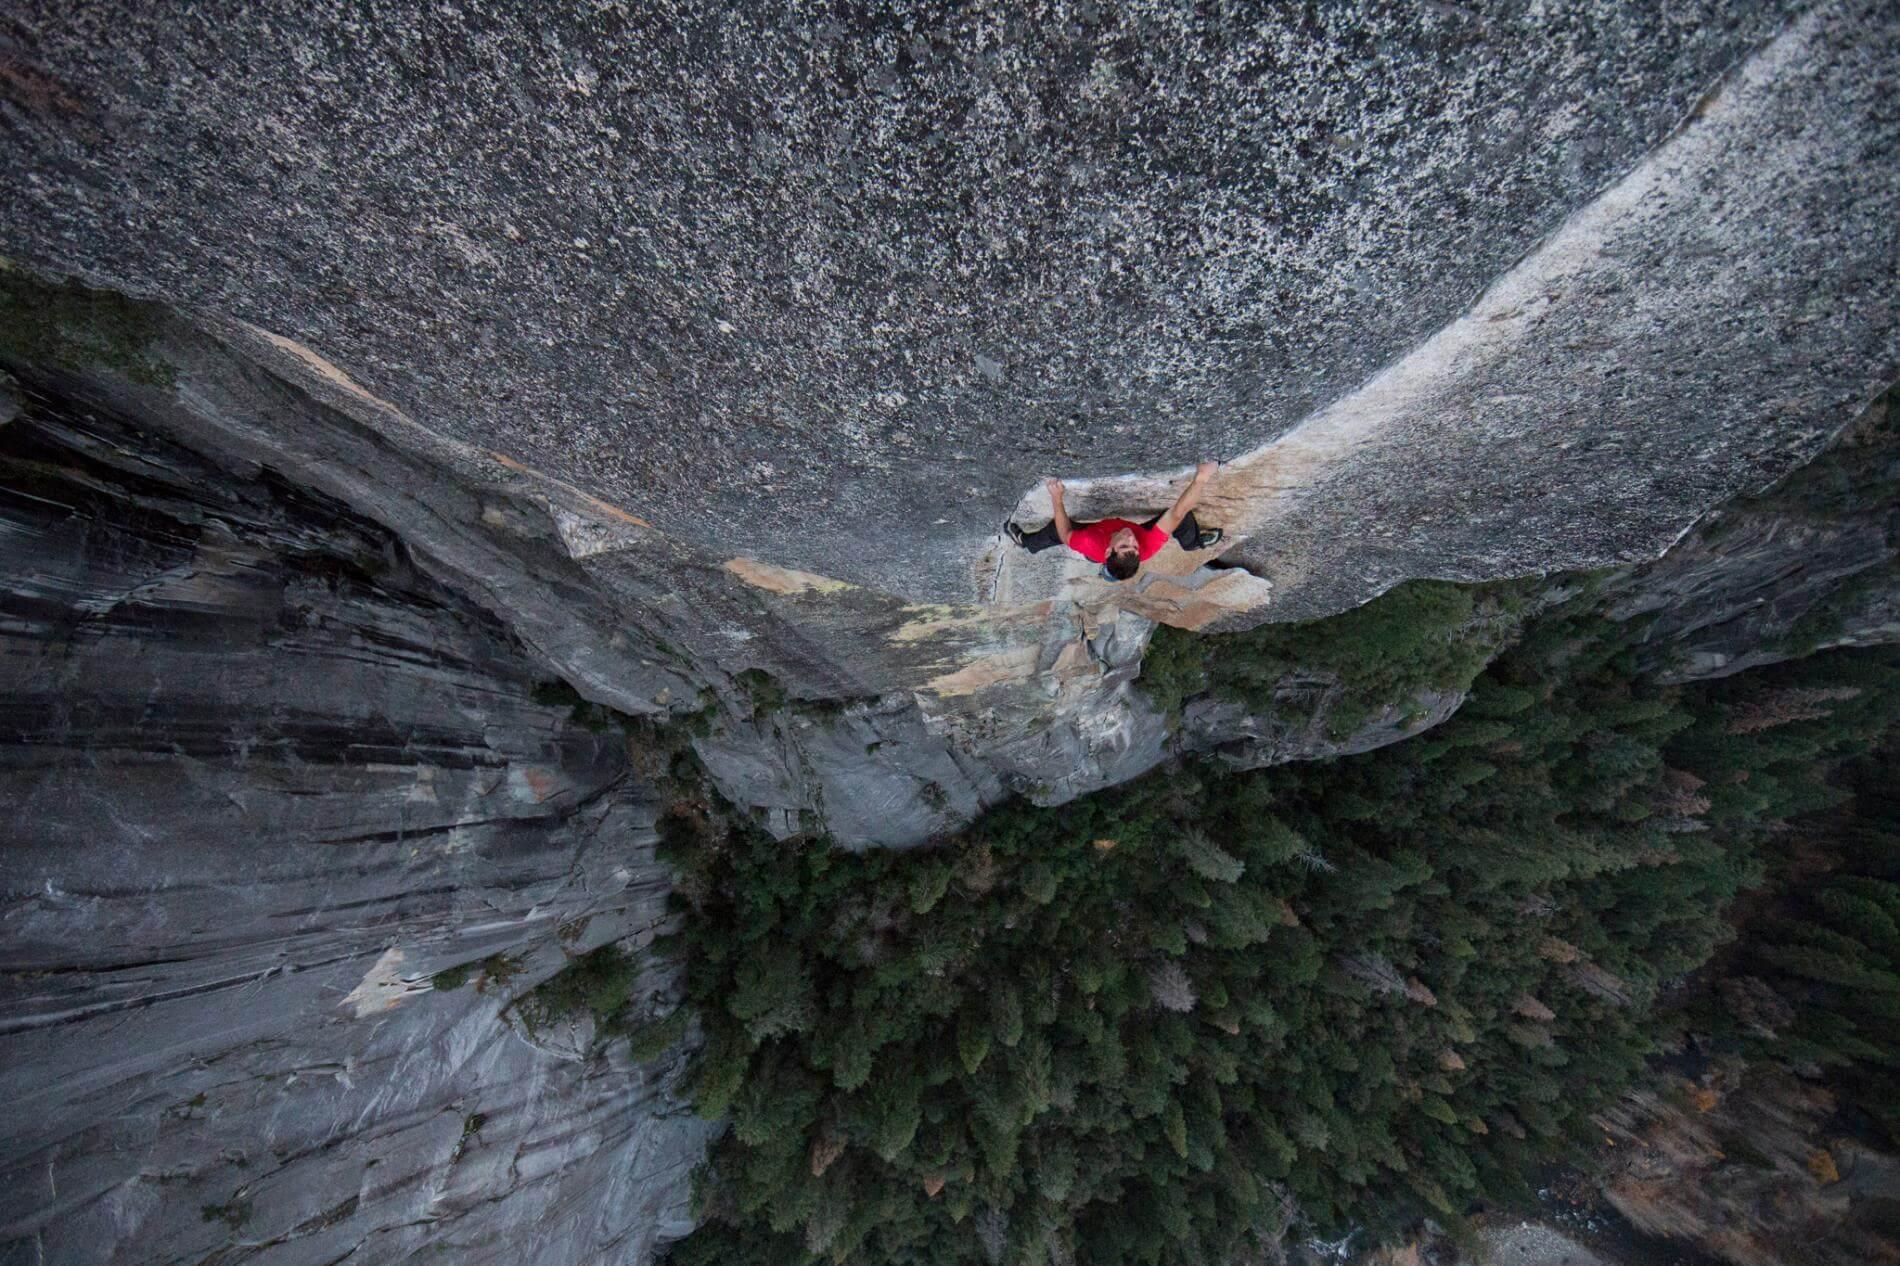 alex honnold el capitan rope free ascent 12